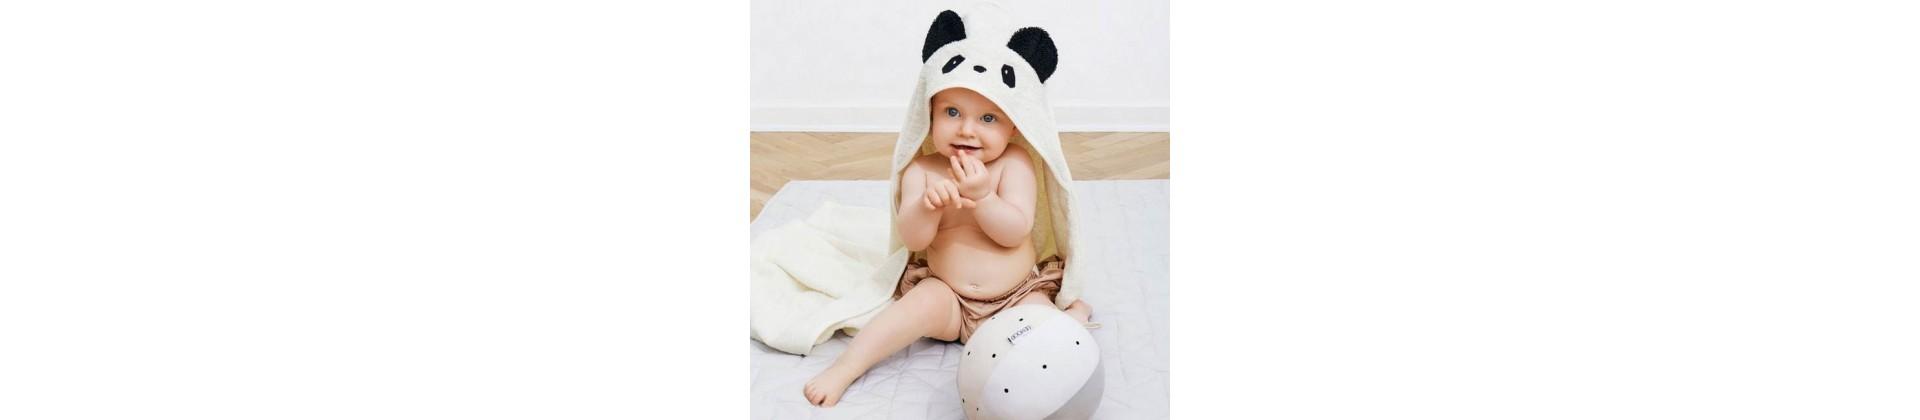 Linges de bain bébé